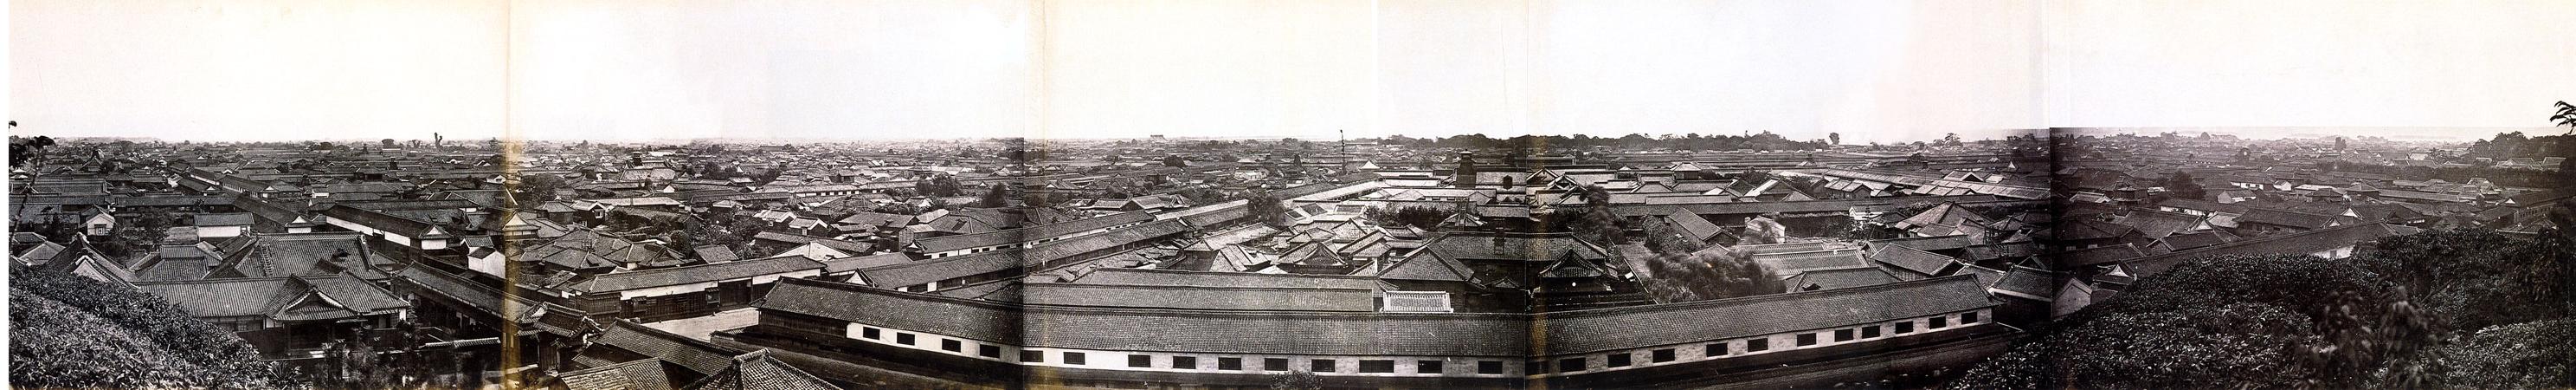 Panorama_of_Edo.jpg